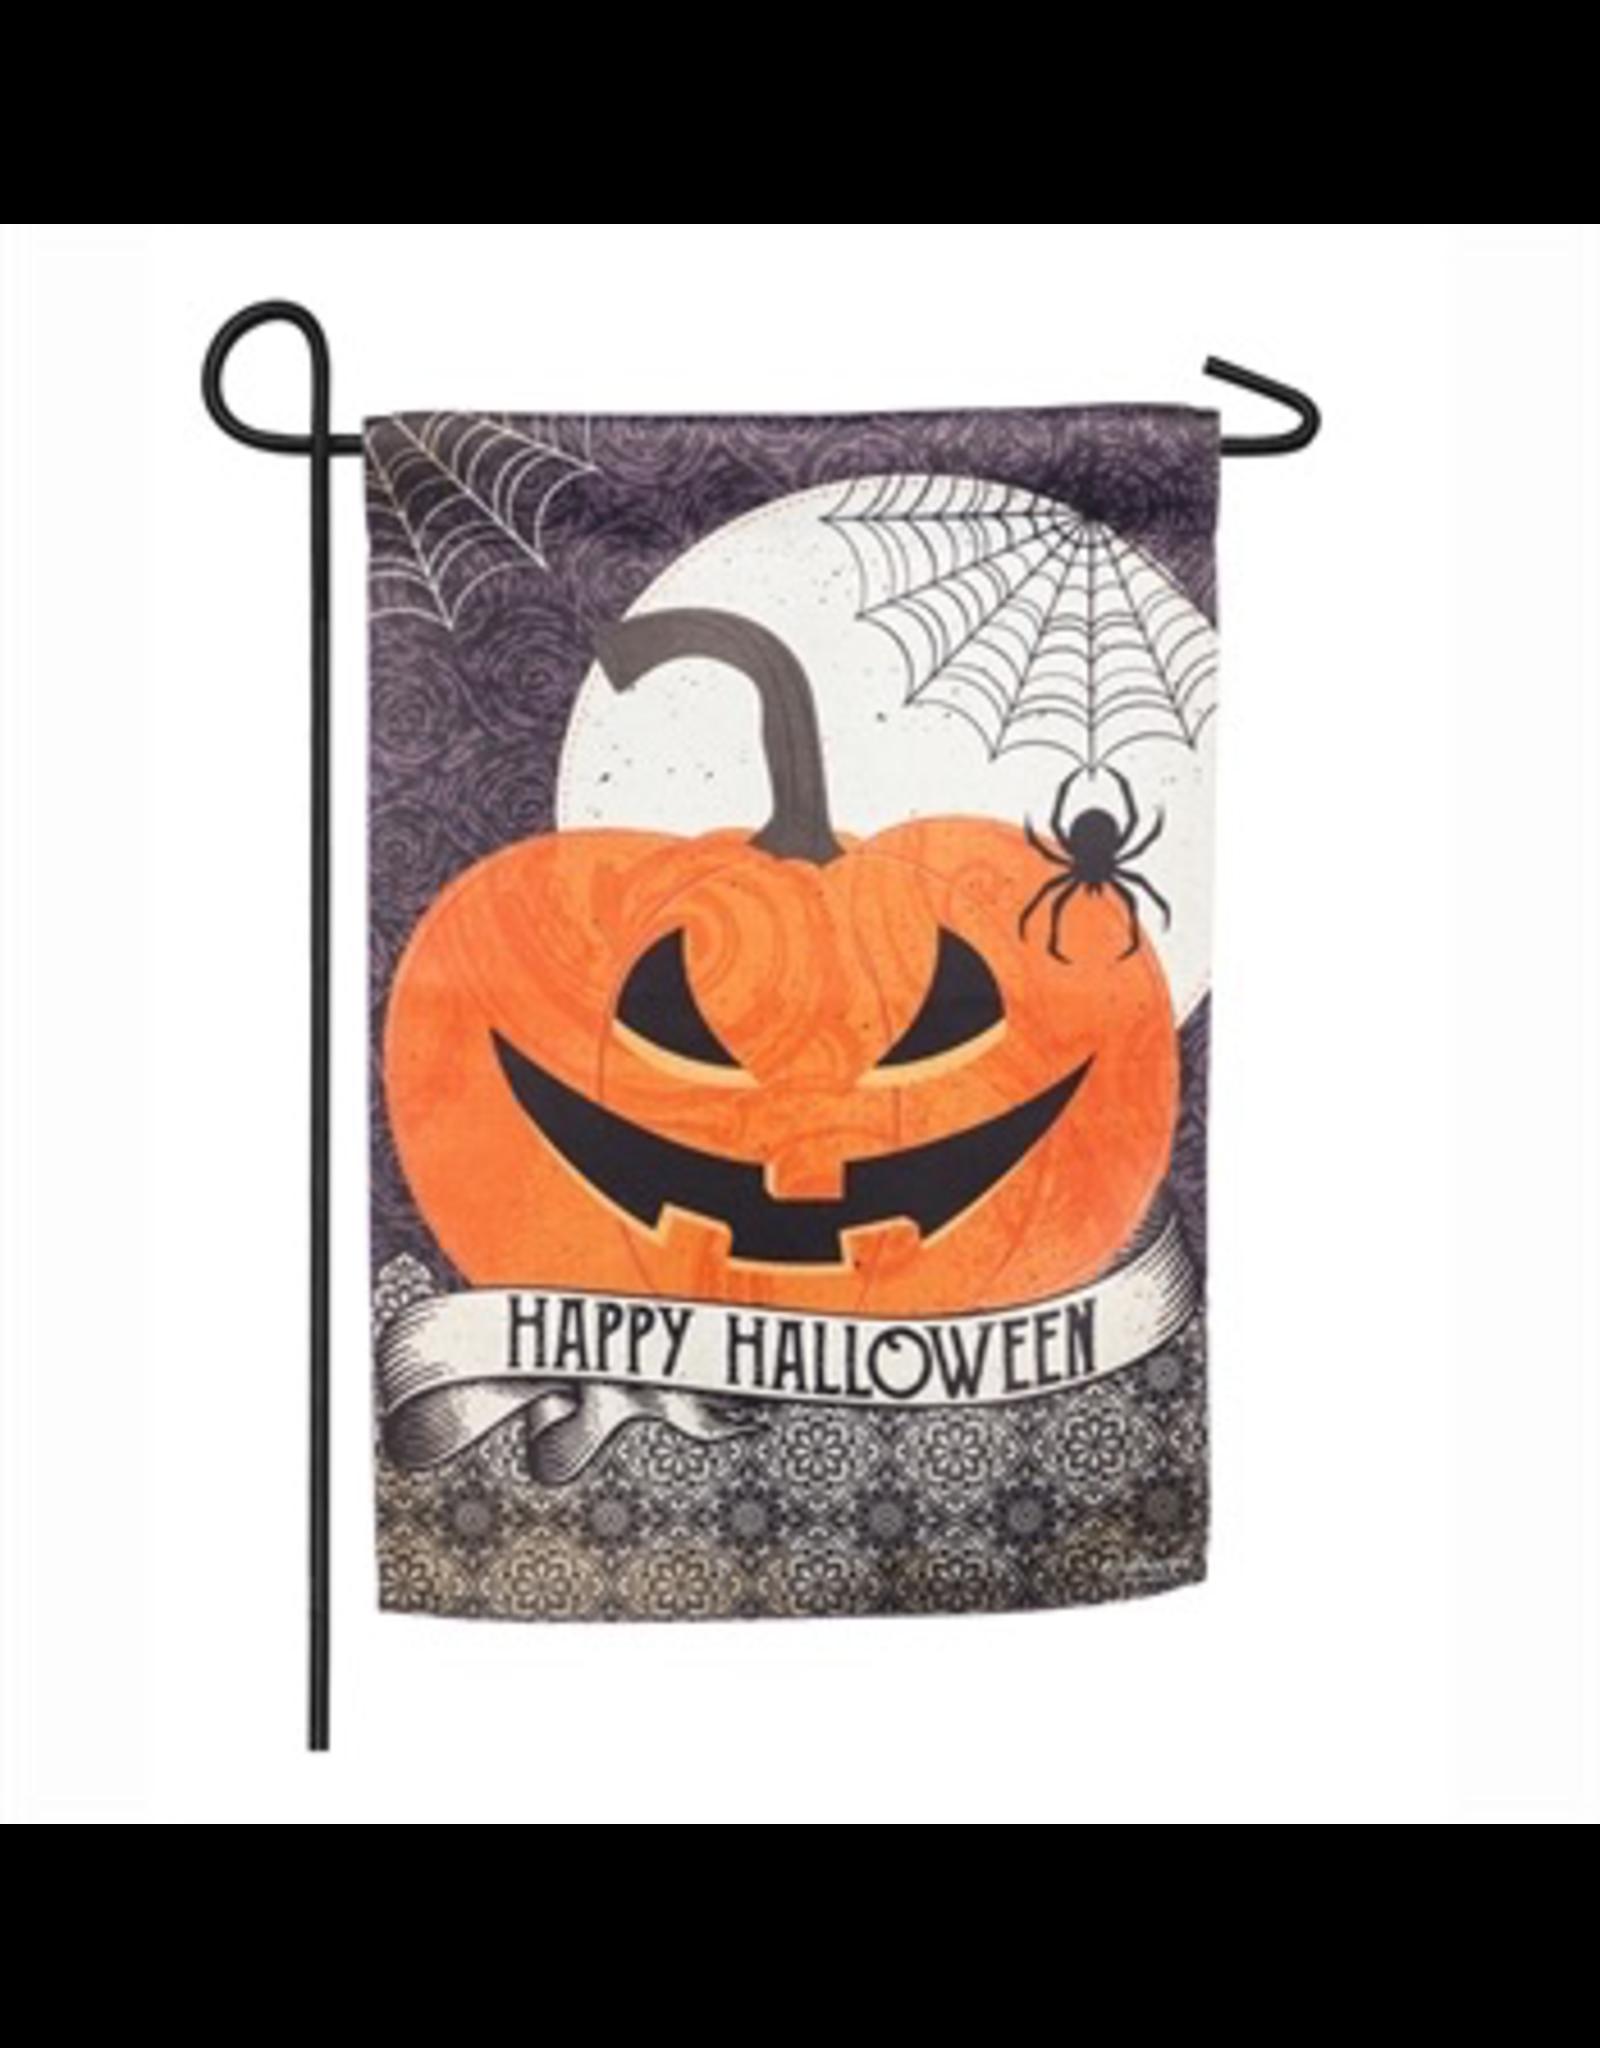 Evergreen Enterprises Happy Halloween Garden Suede Flag